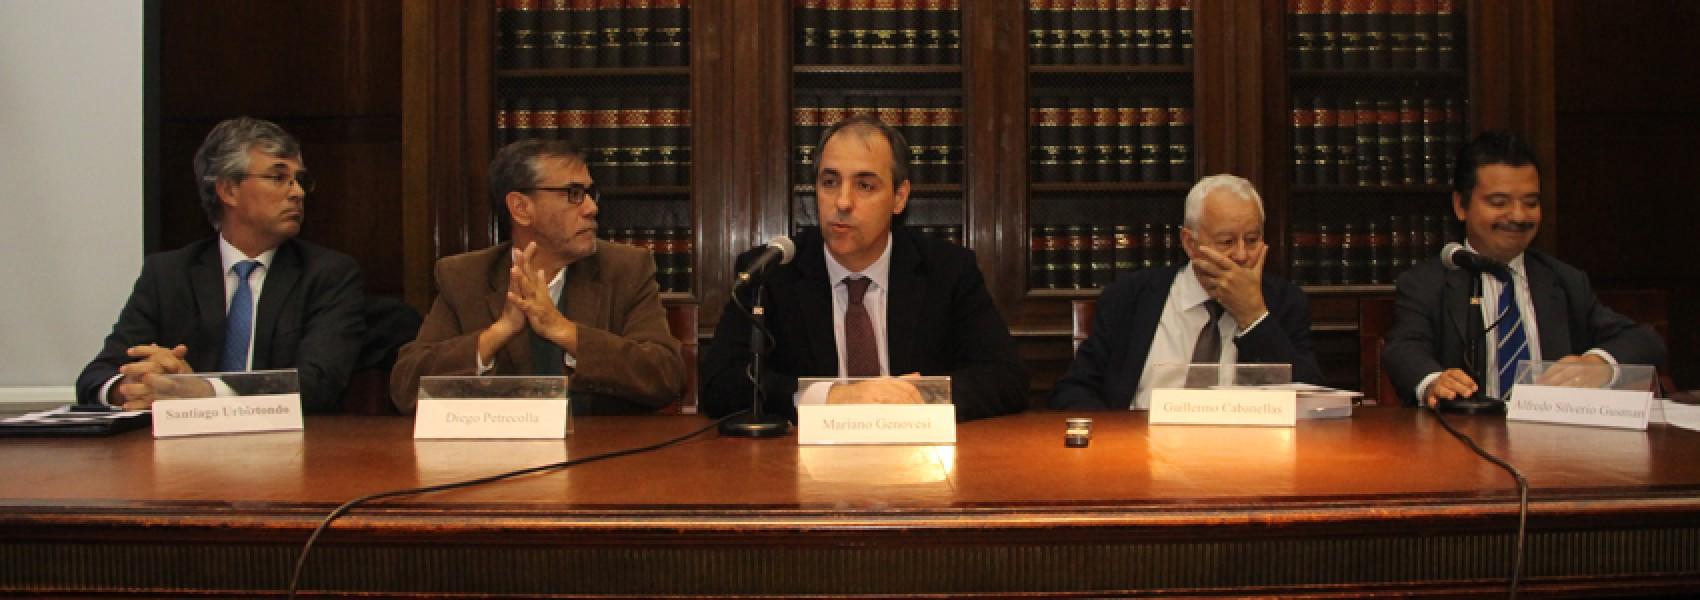 Santiago Urbiztondo, Diego Petrecolla, Mariano Genovesi, Guillermo Cabanellas y Alfredo Silverio Gusman